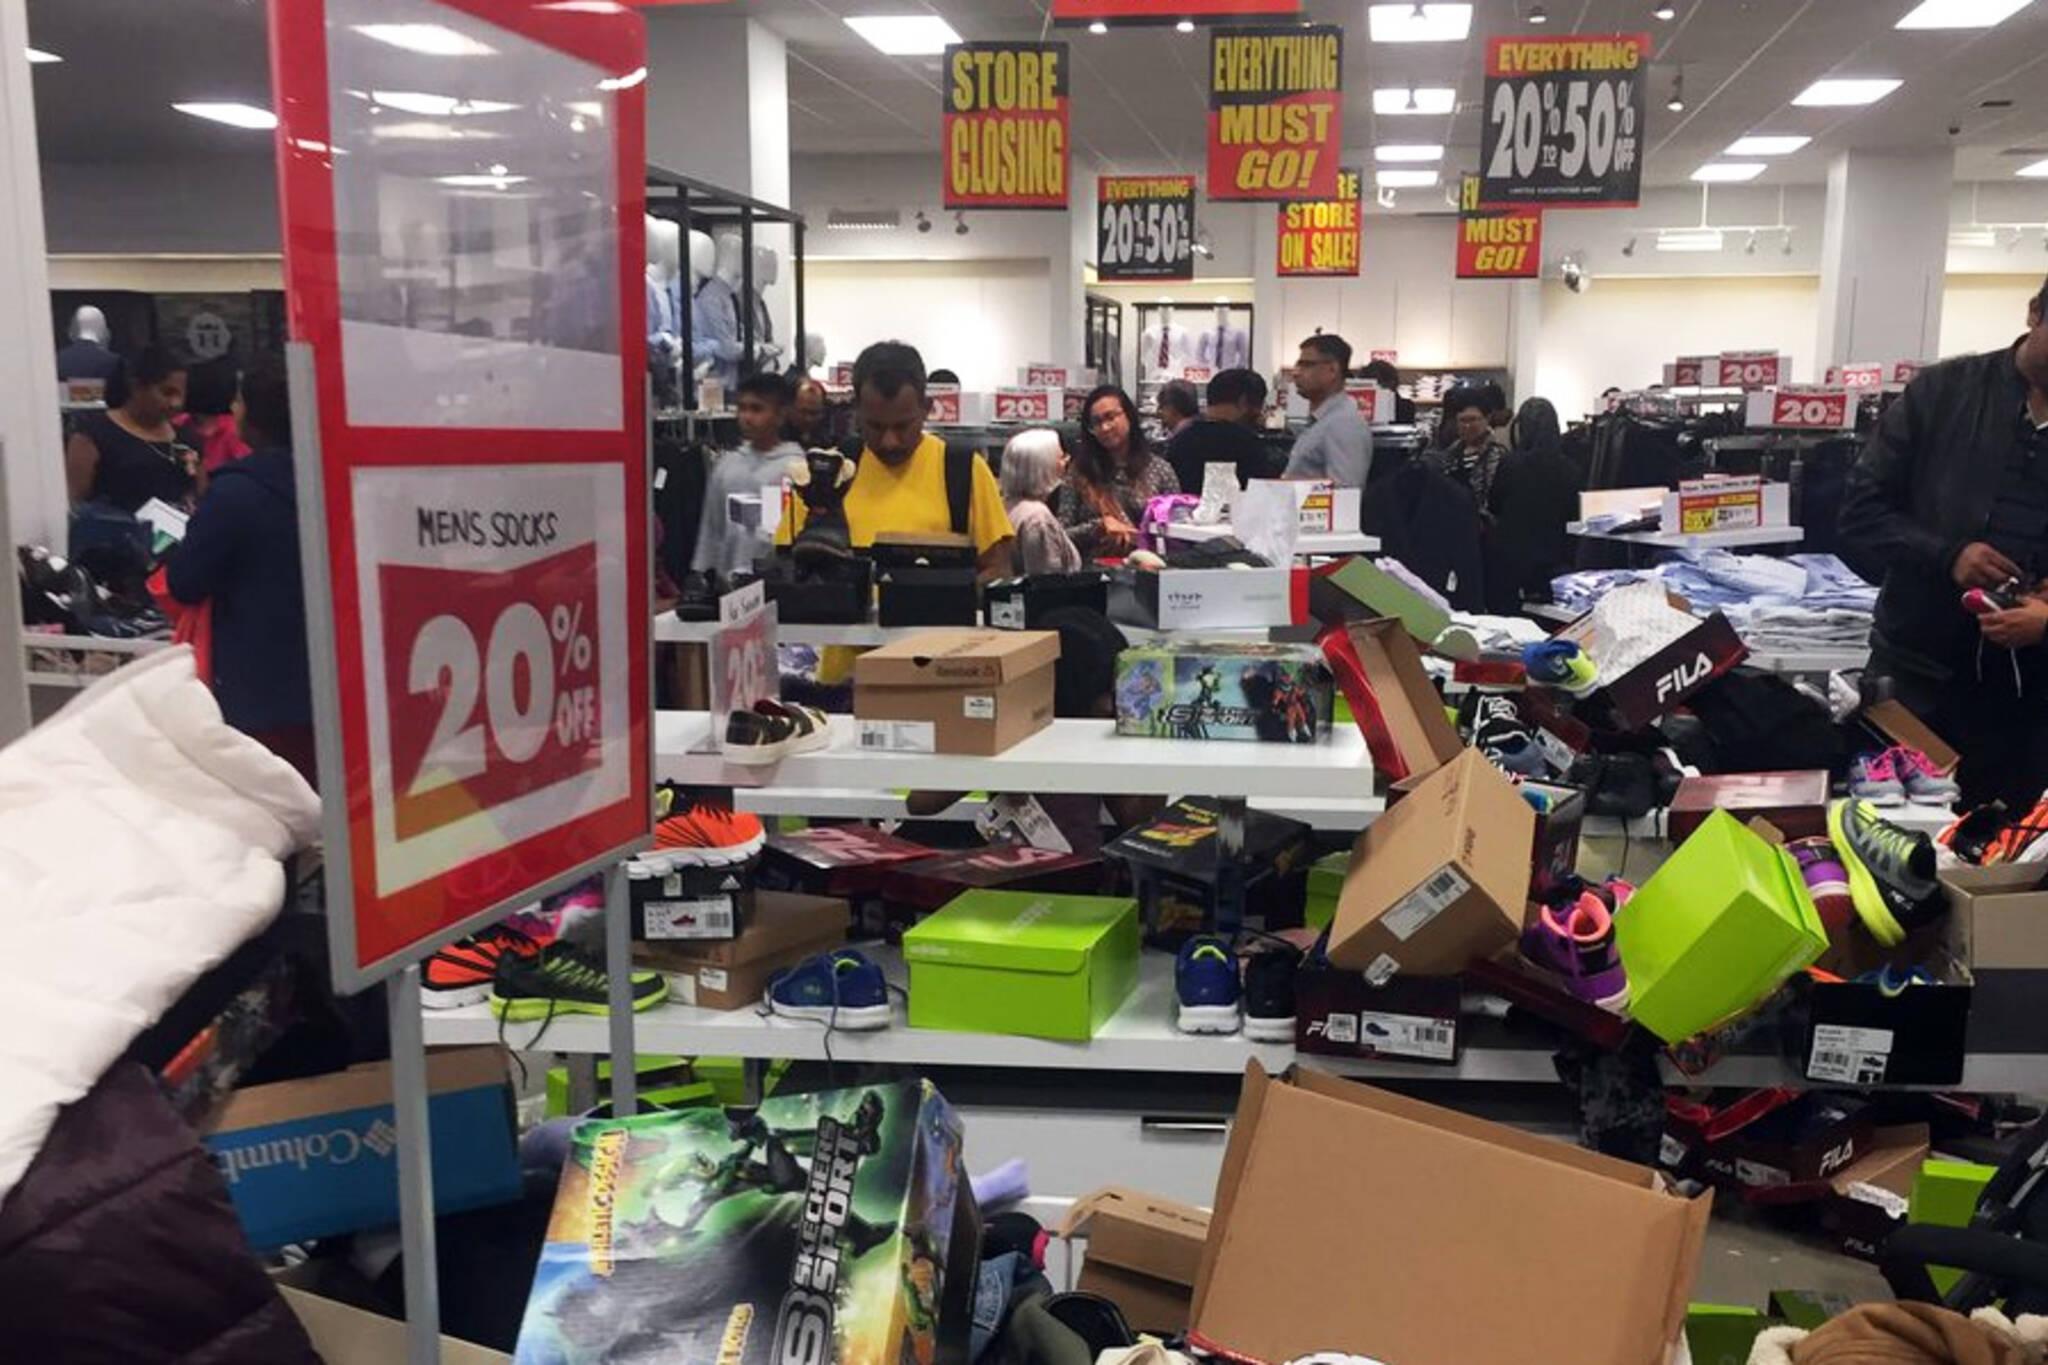 Sears liquidation sales